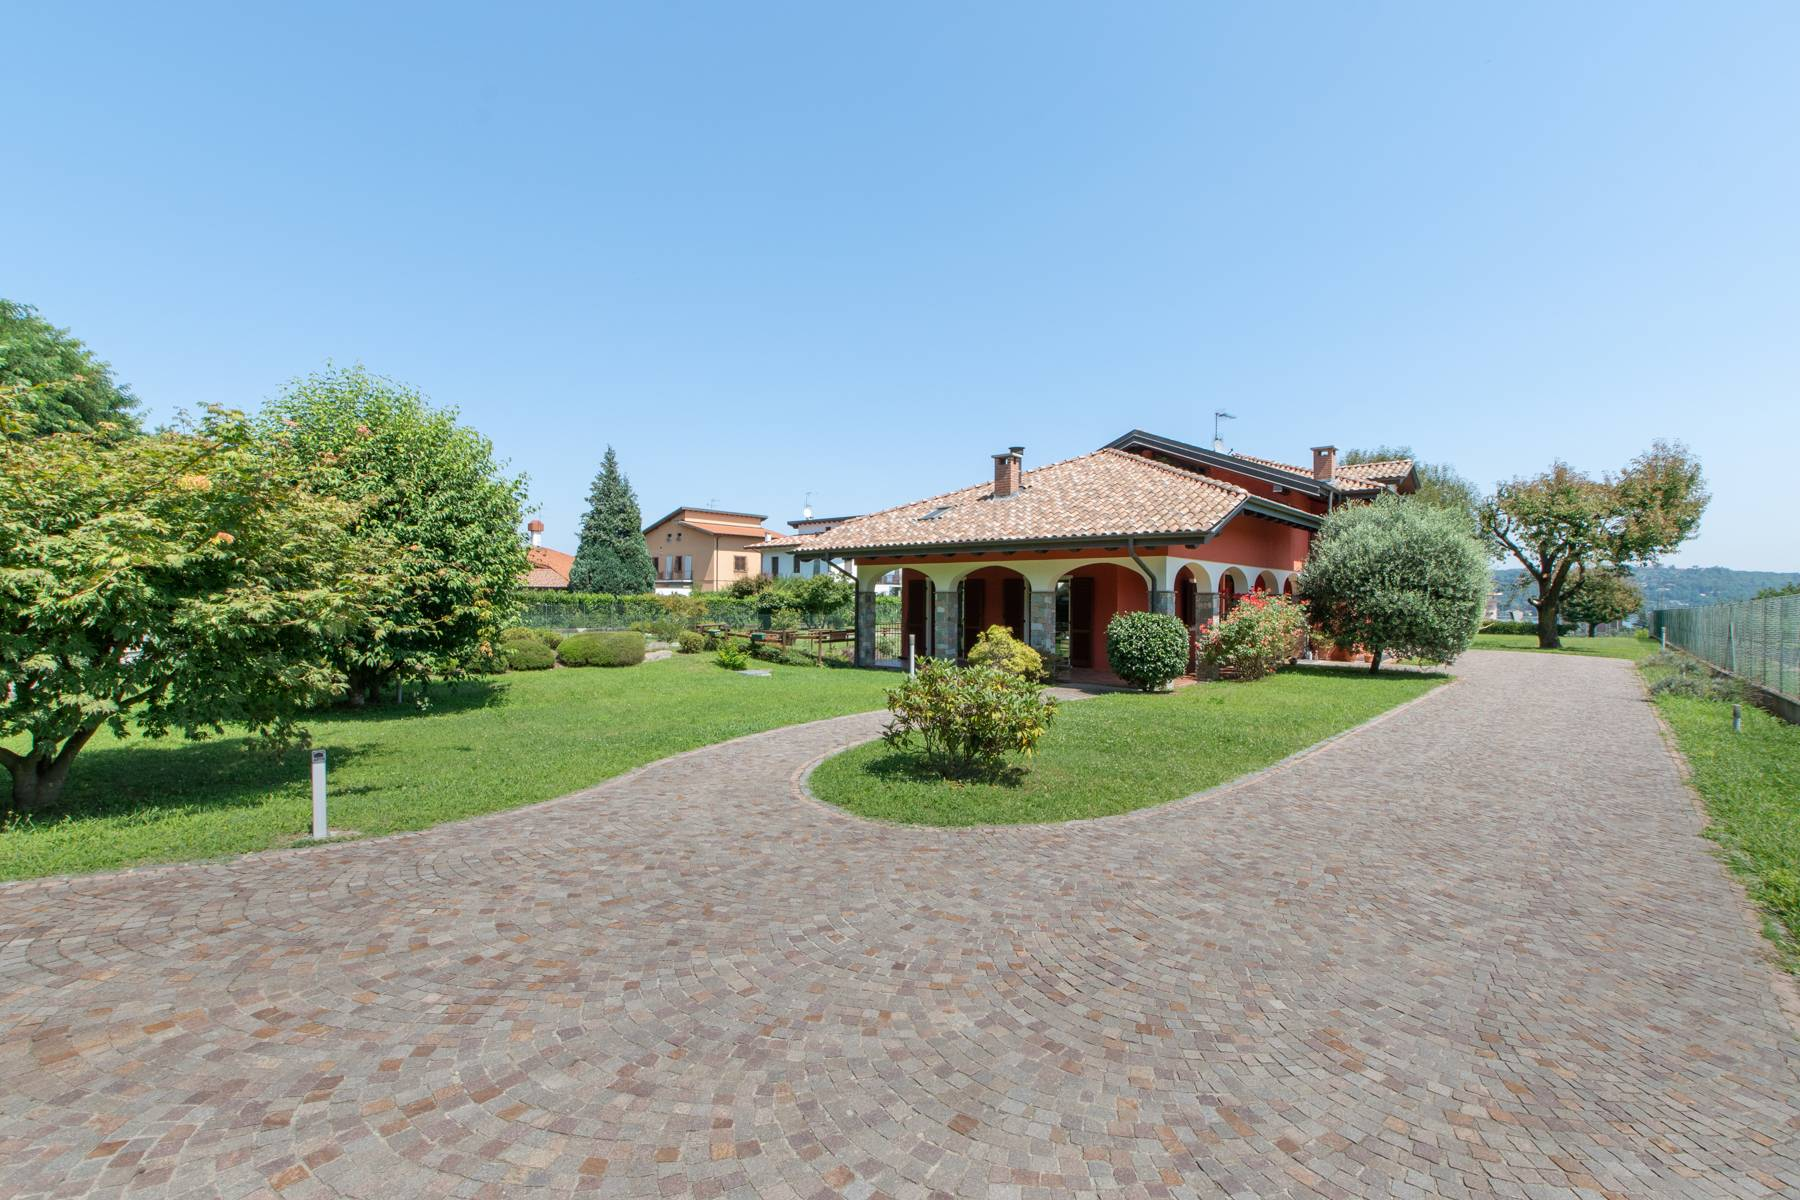 Villa in Vendita a Dormelletto via g. pascoli